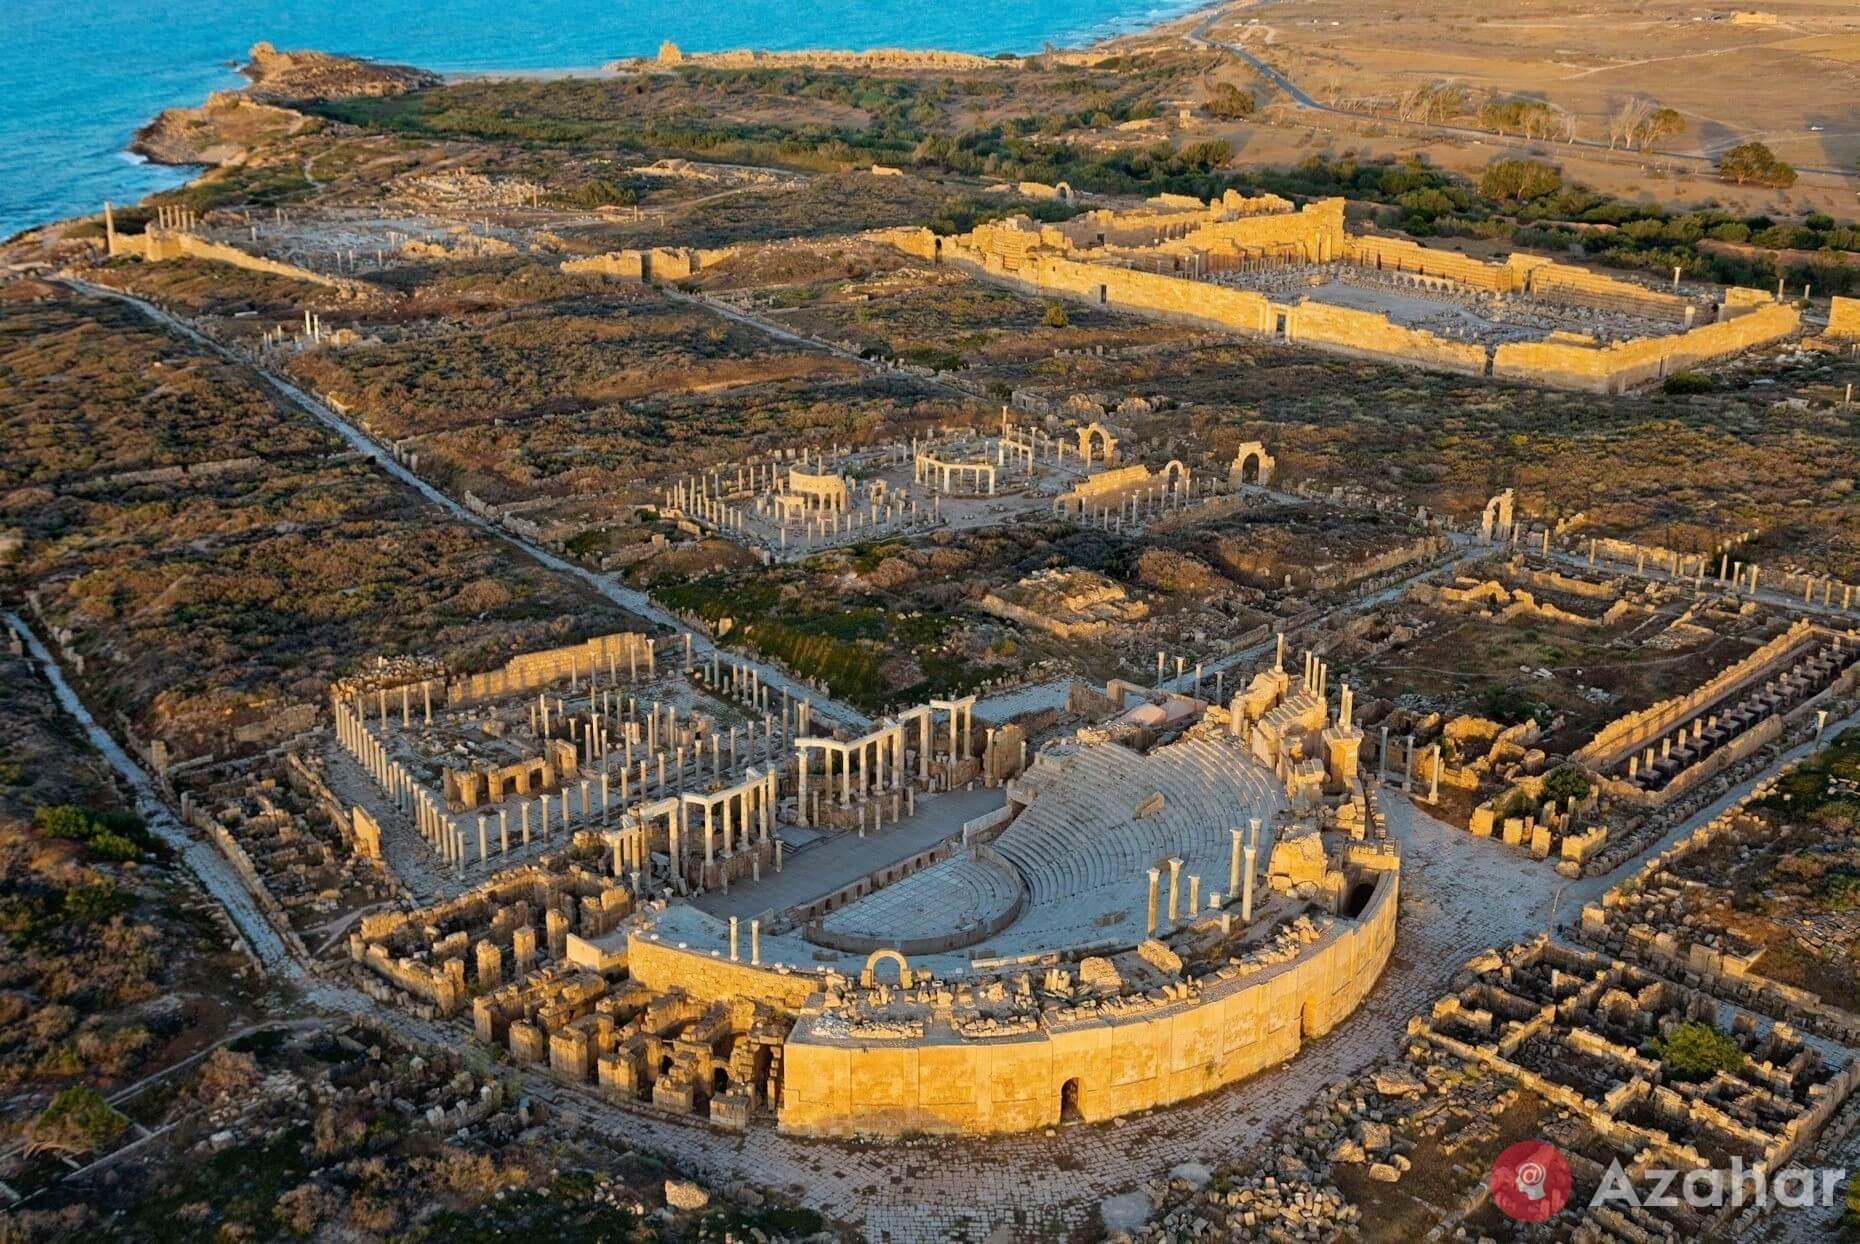 Leptis Magna, Al Khums, Libya